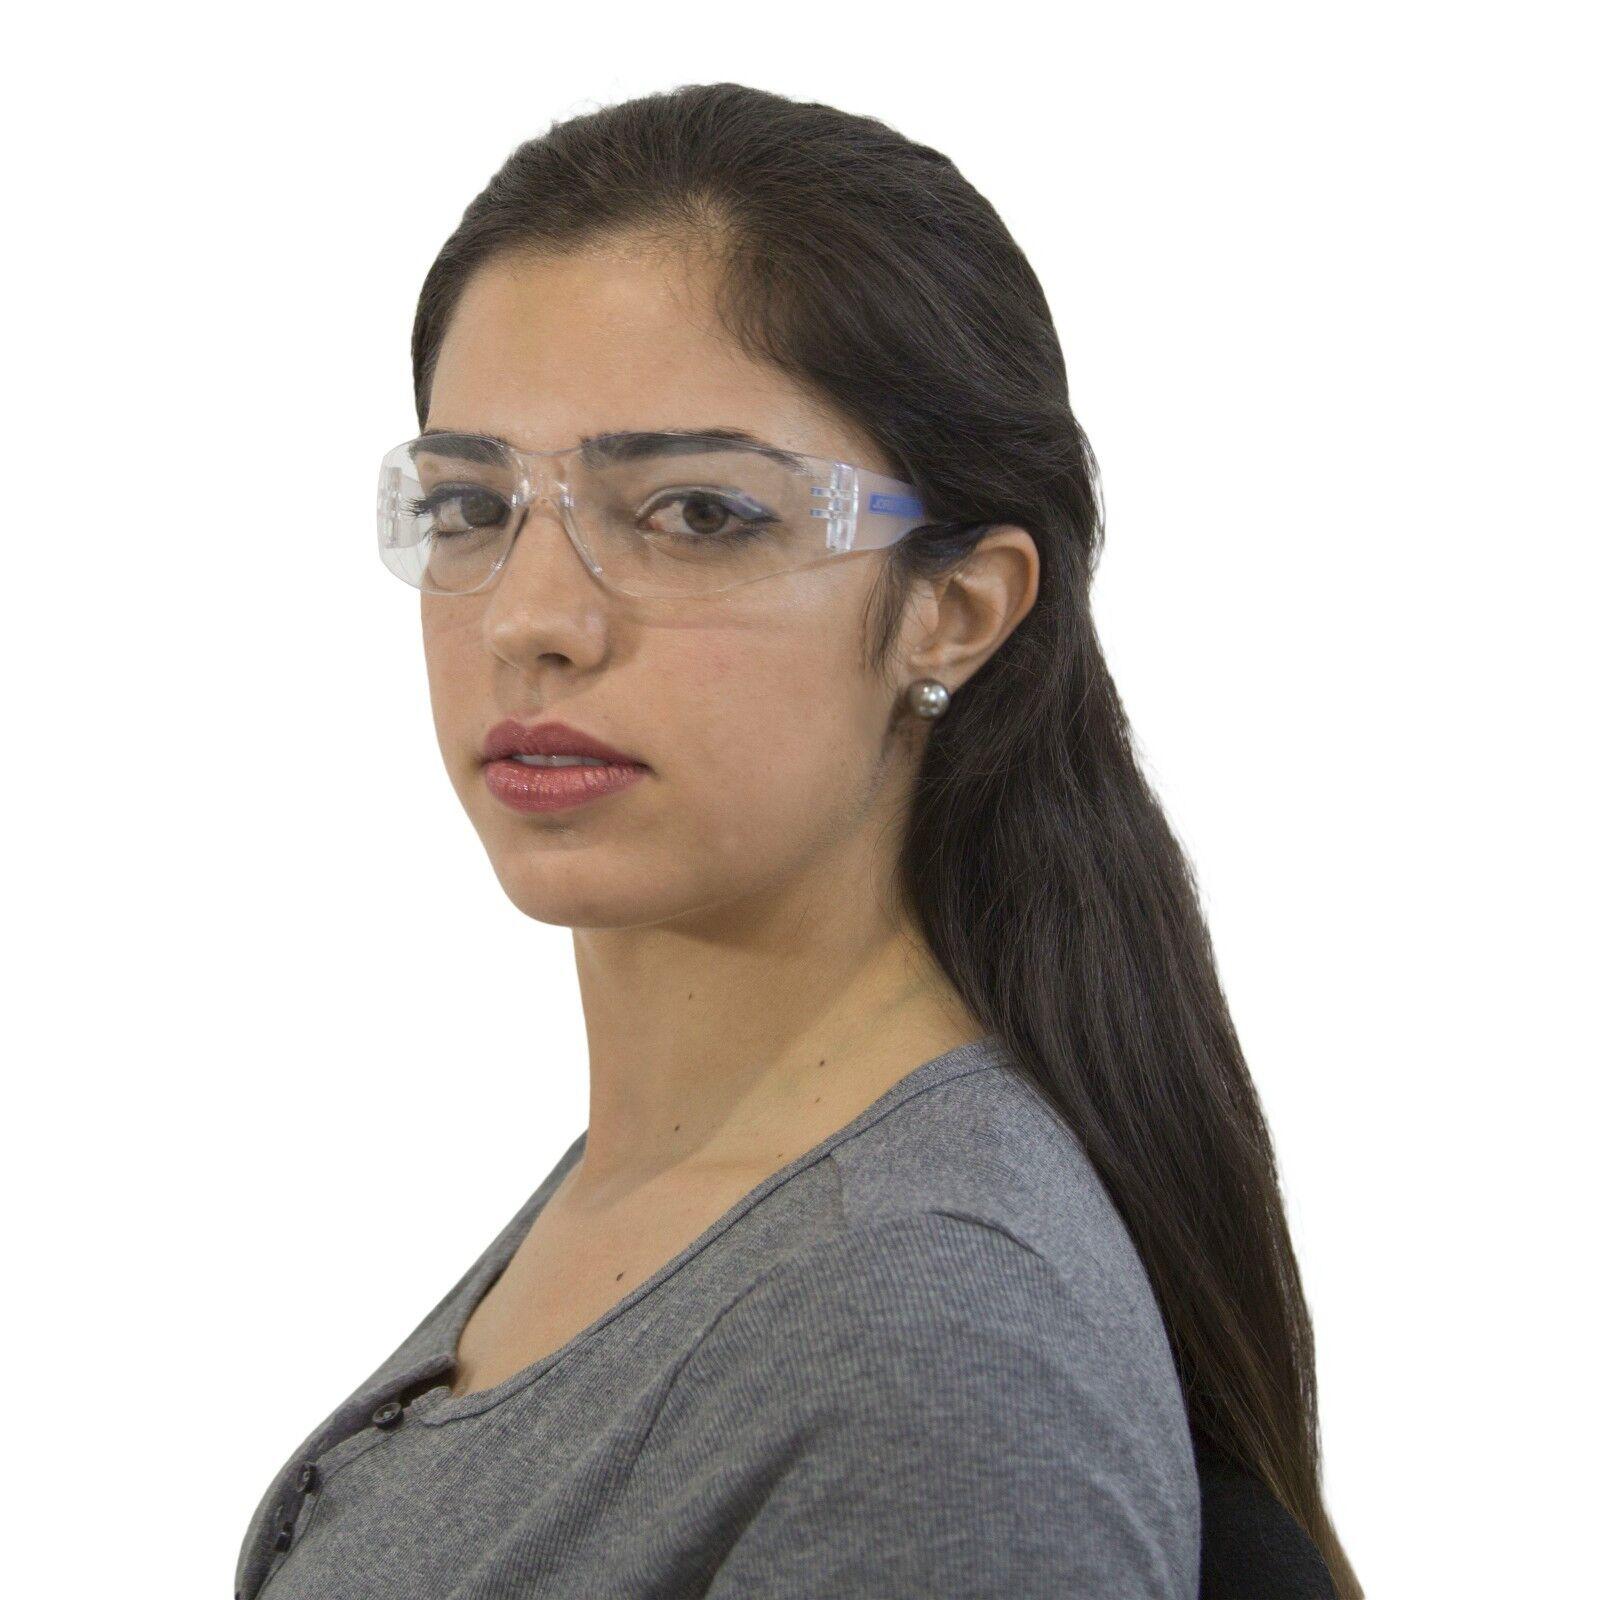 12 PAIR JORESTECH CLEAR UV LENS LOT SAFETY GLASSES BULK NEW